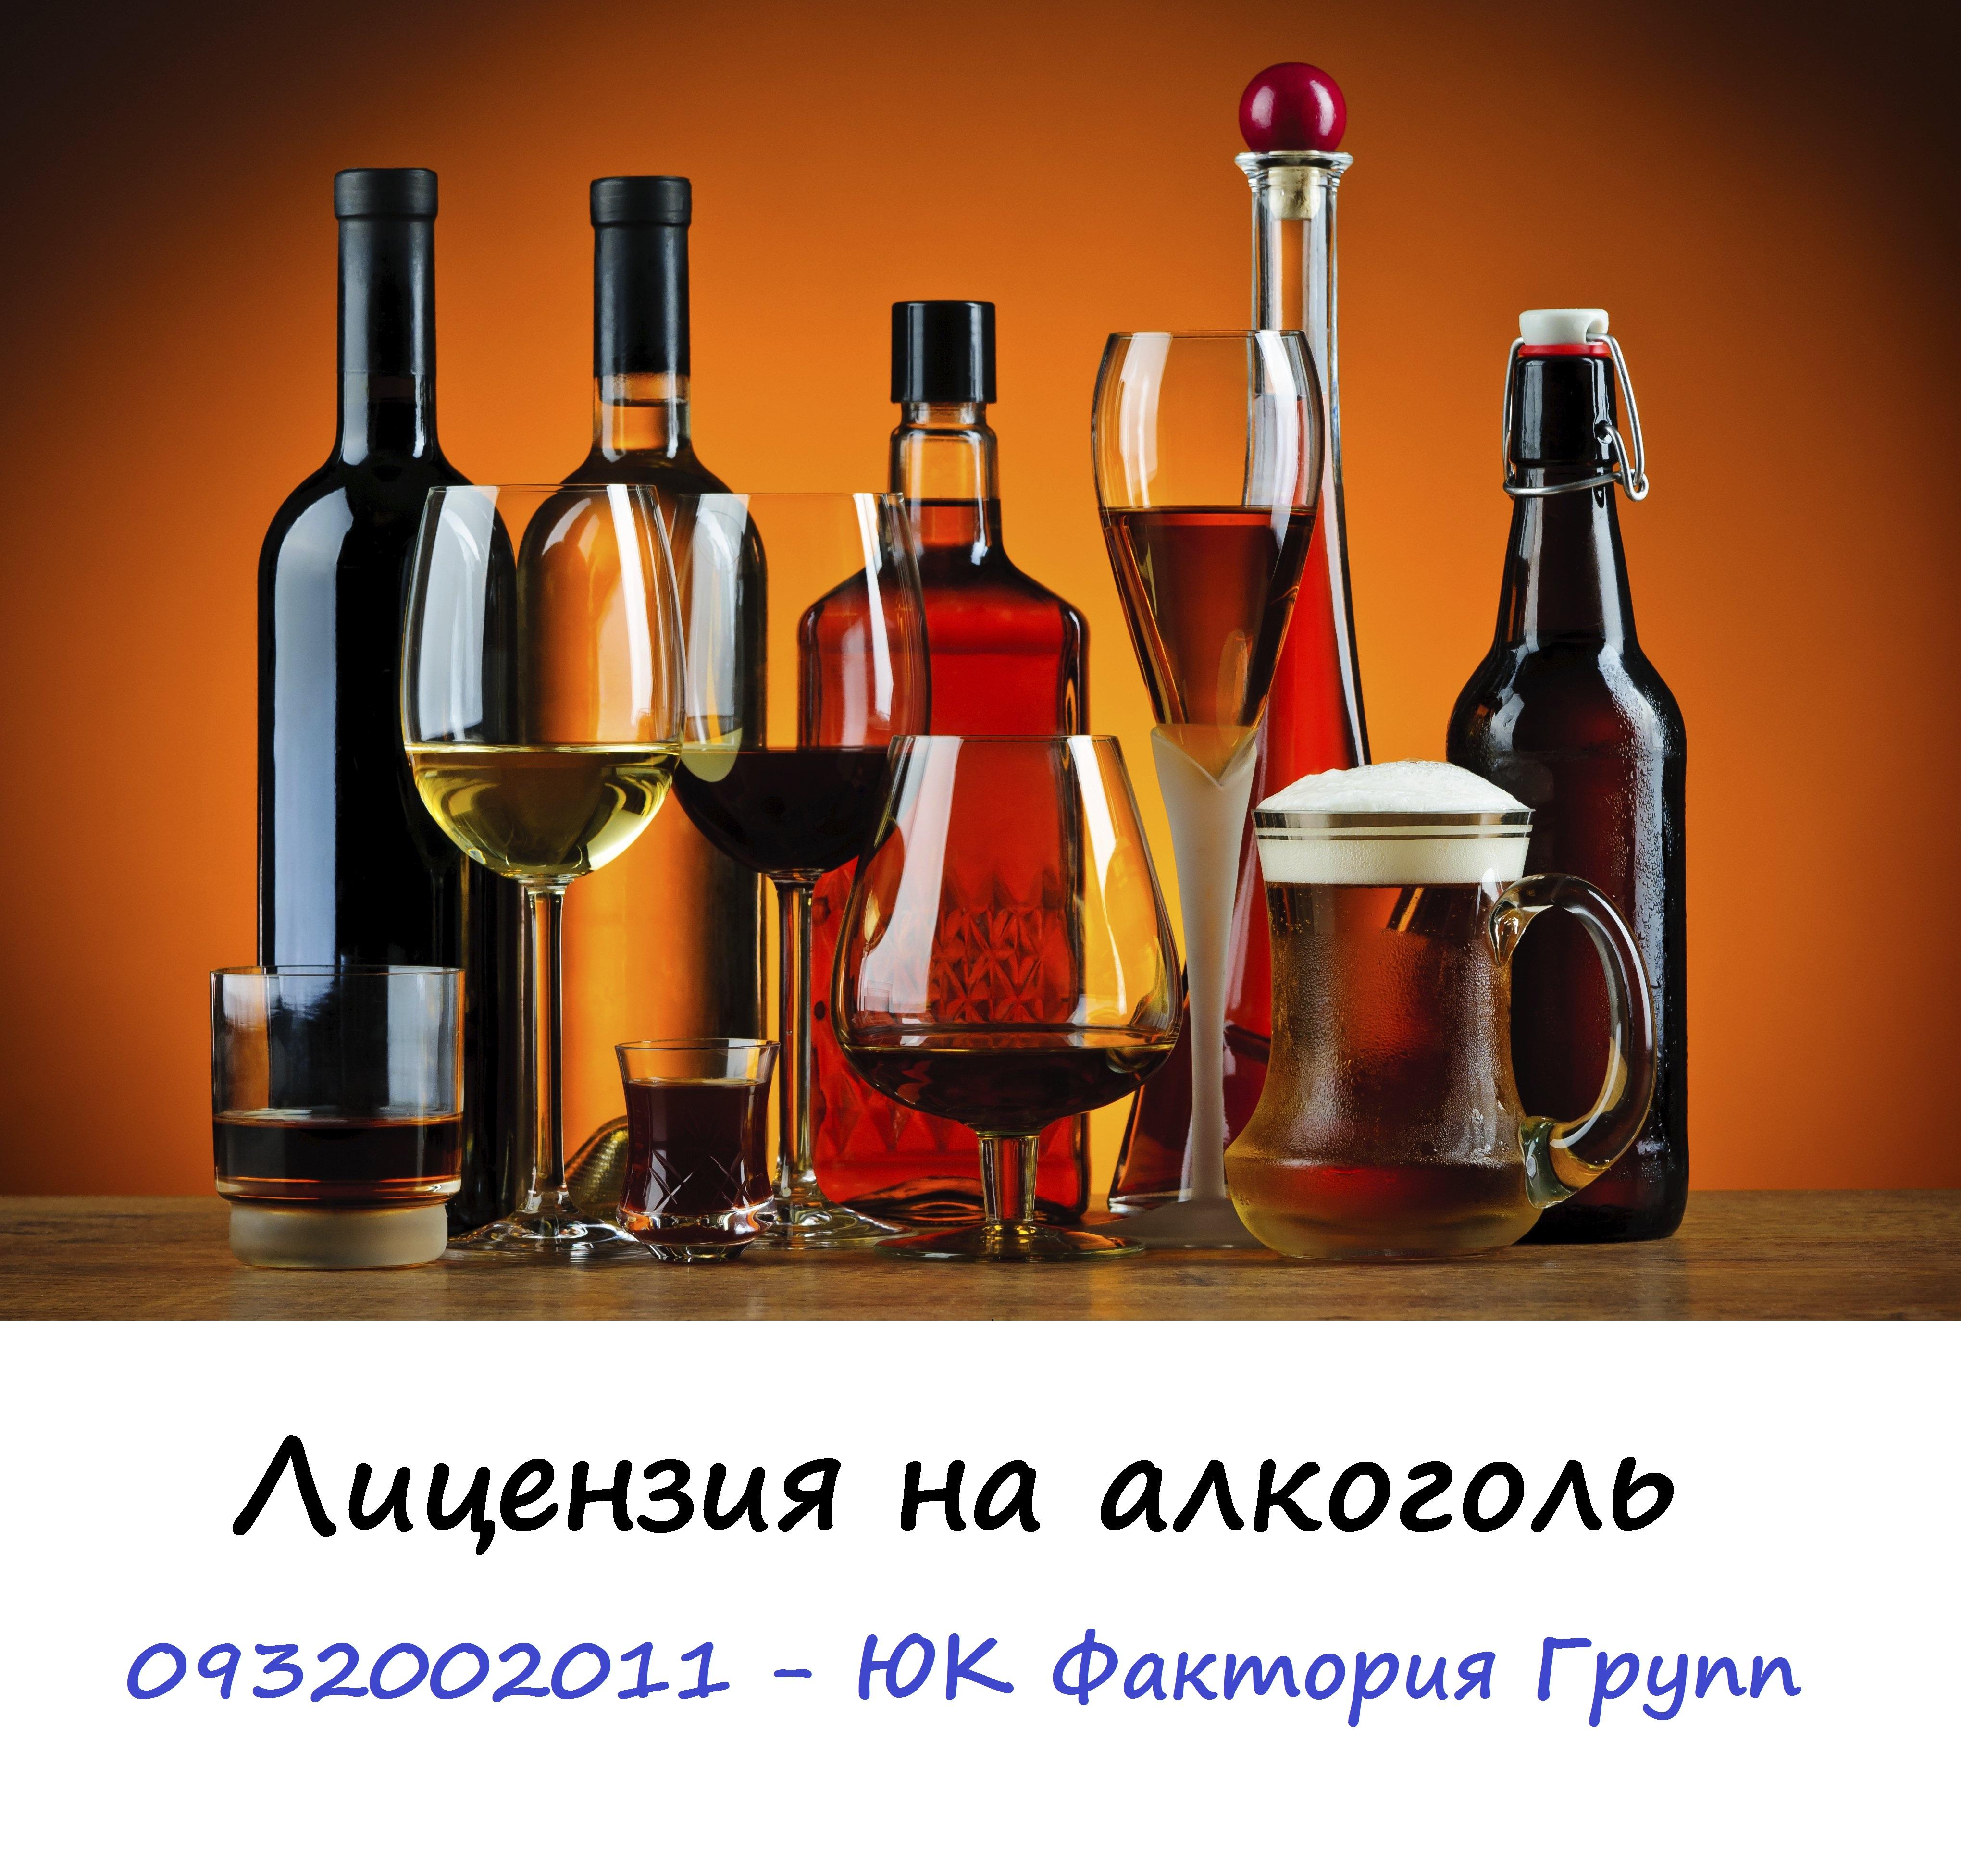 лицензия на алкоголь киев